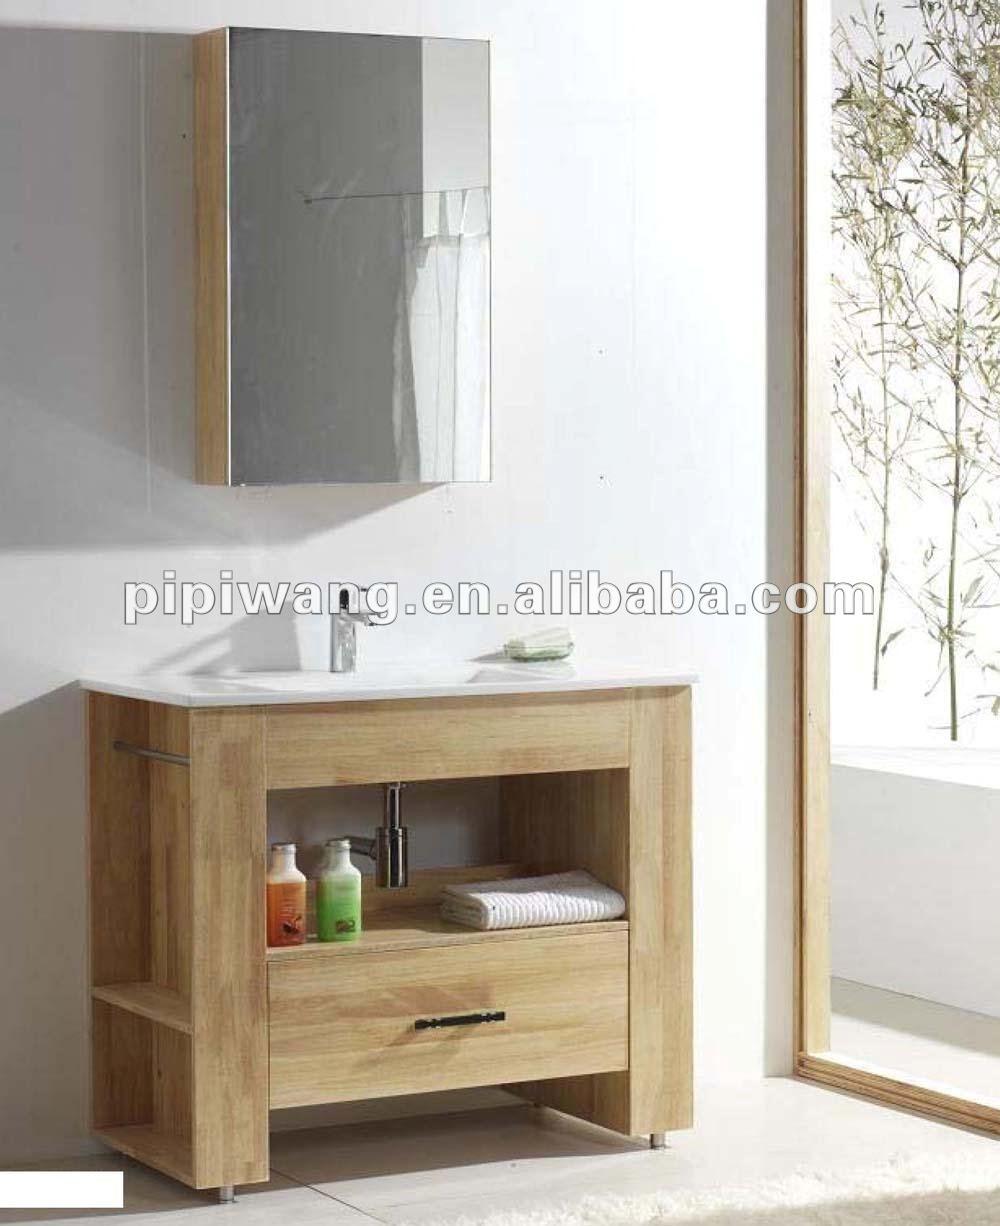 Comprar ofertas platos de ducha muebles sofas spain - Muebles de bano en madera ...